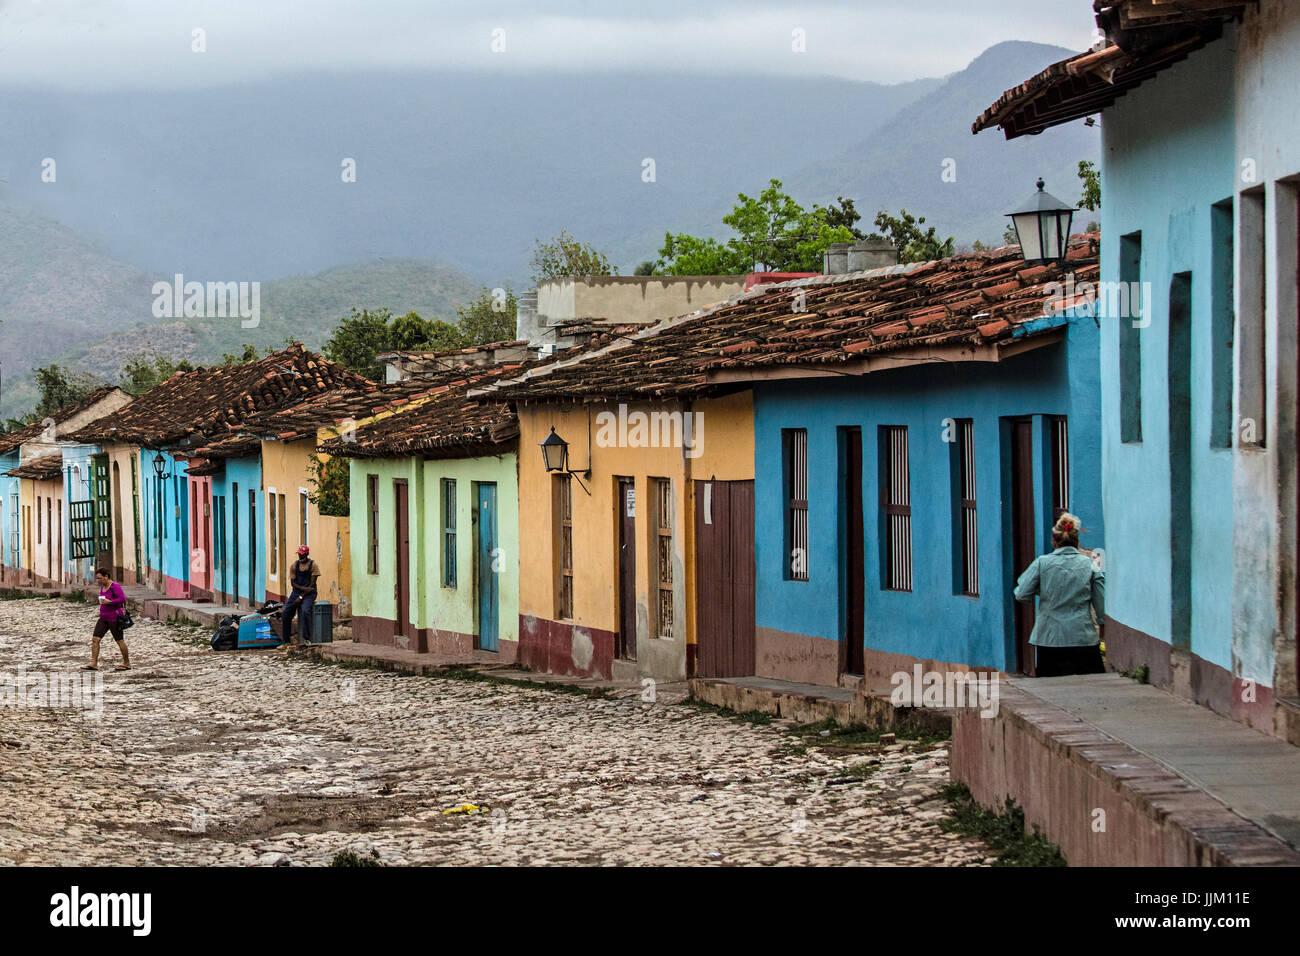 Les rues pavées et maisons colorées de Trinidad, Cuba Photo Stock